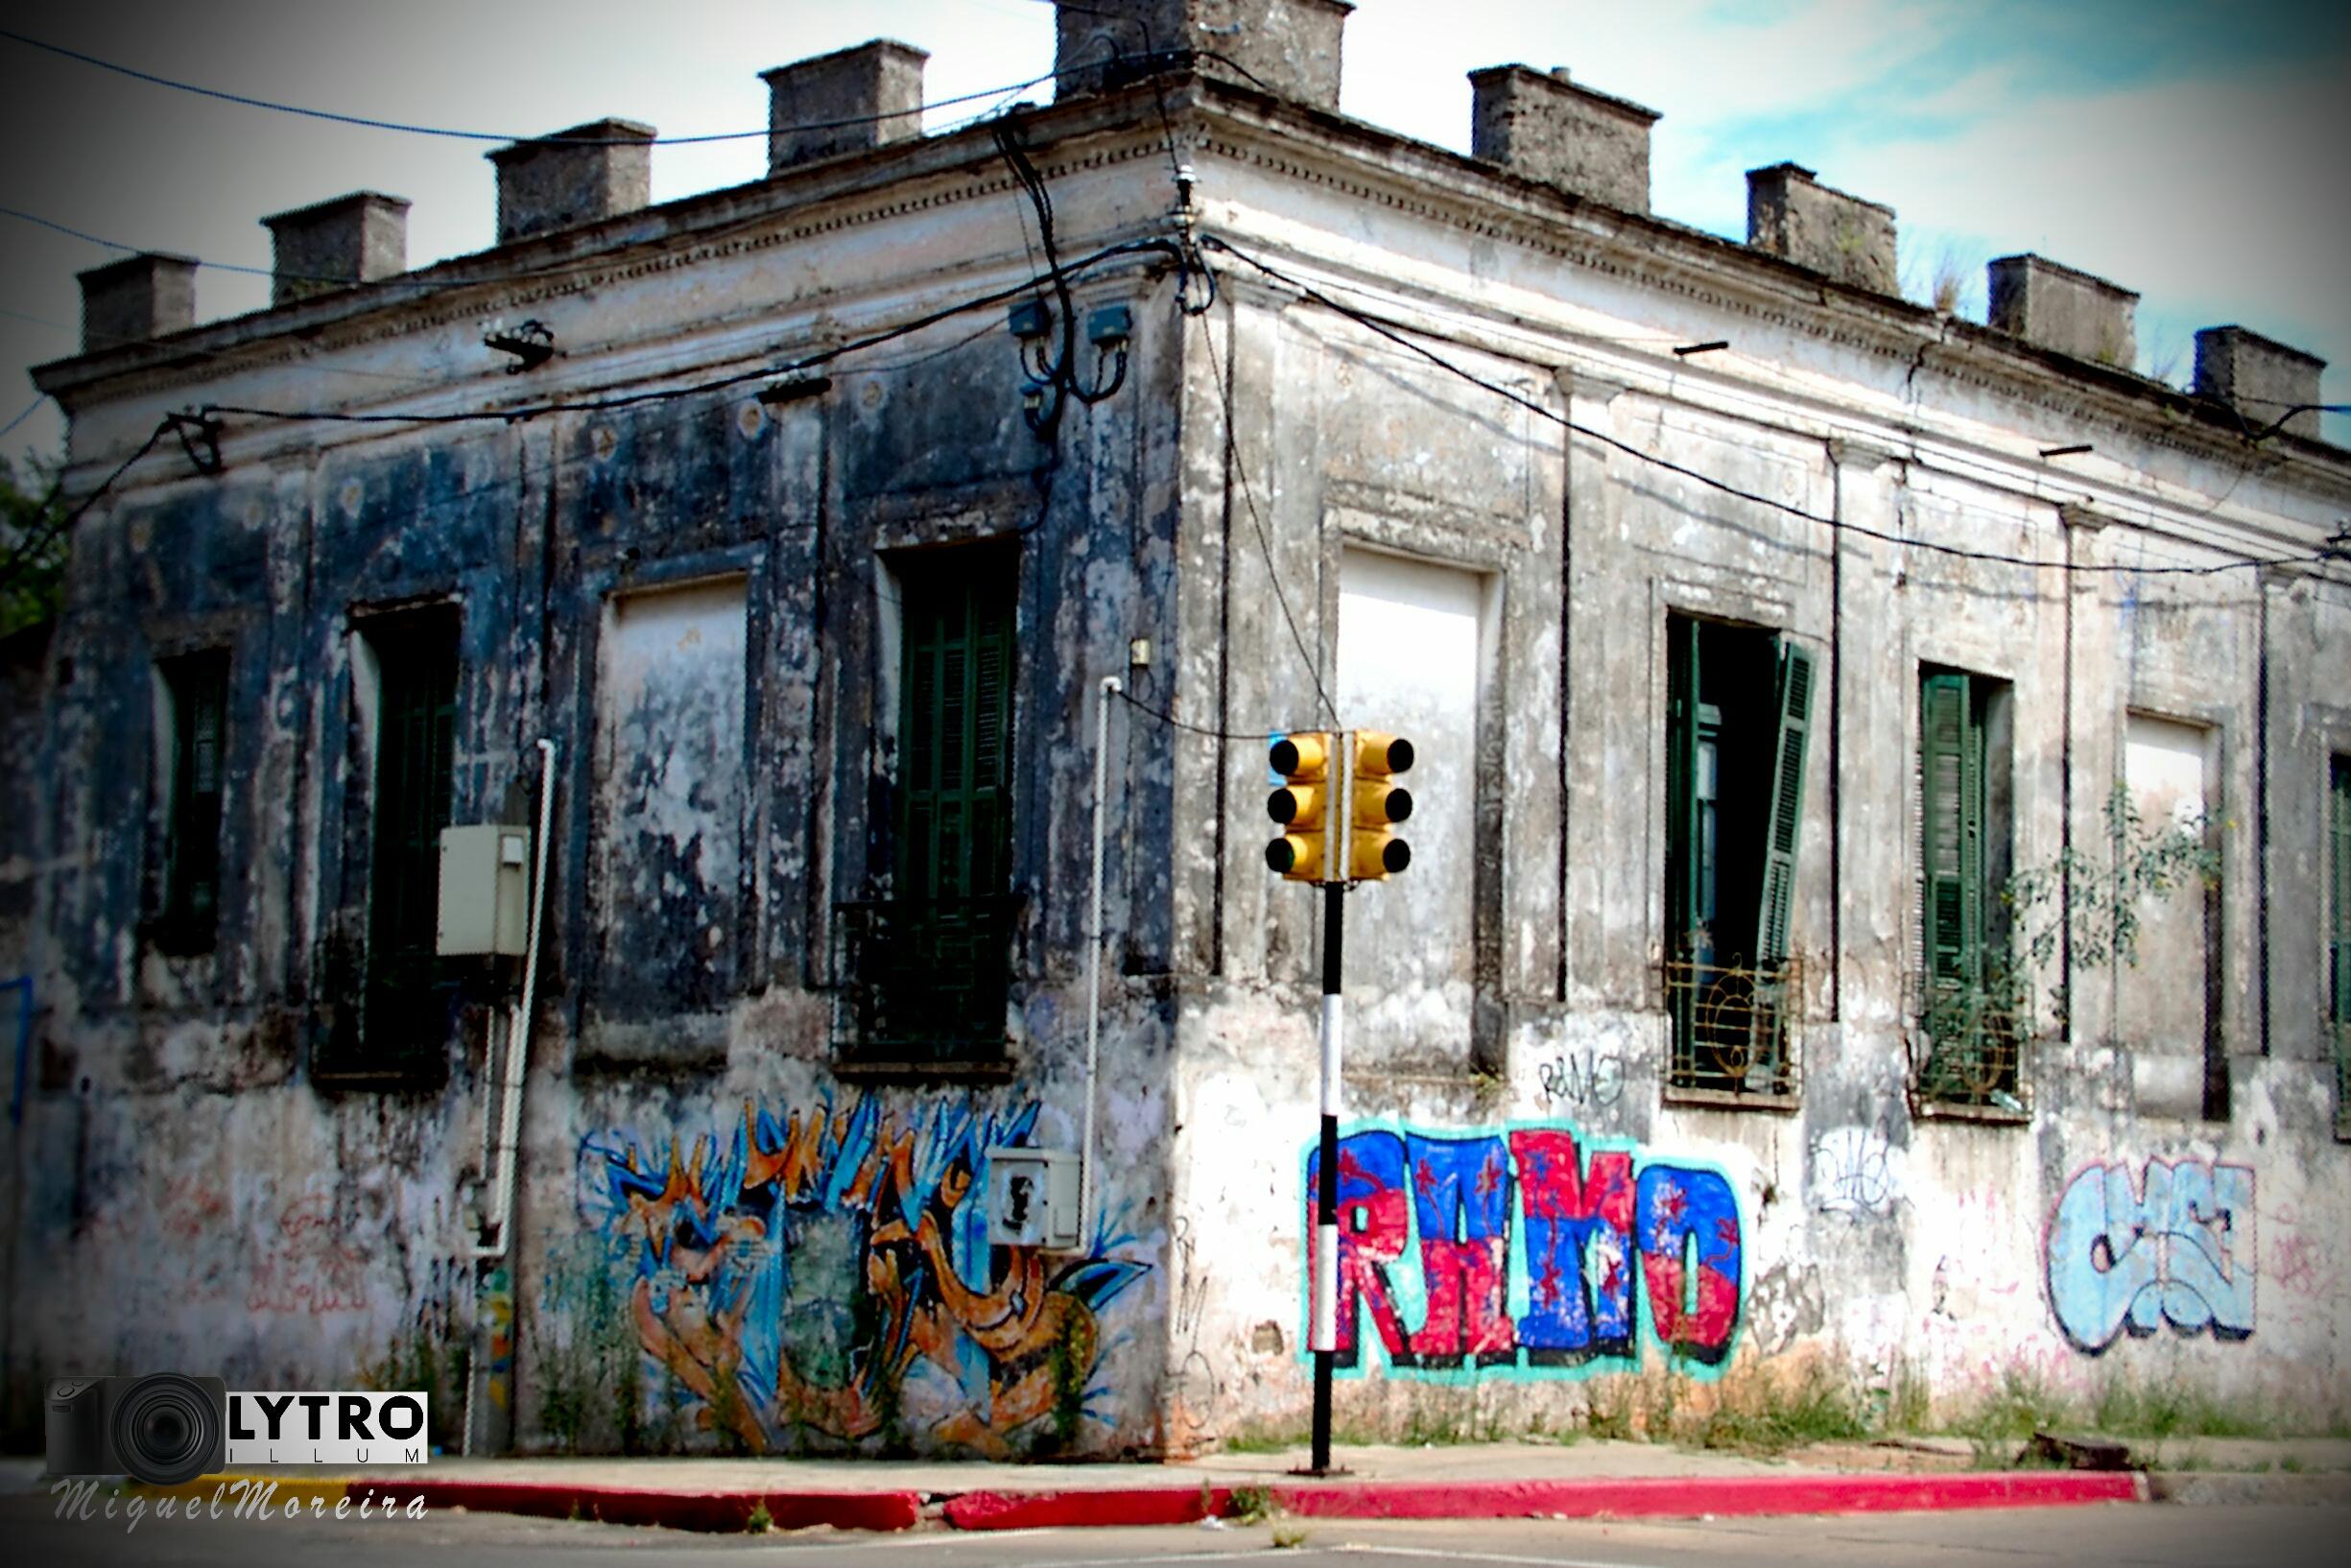 casa avandonada 19abrybarbieri_151517101